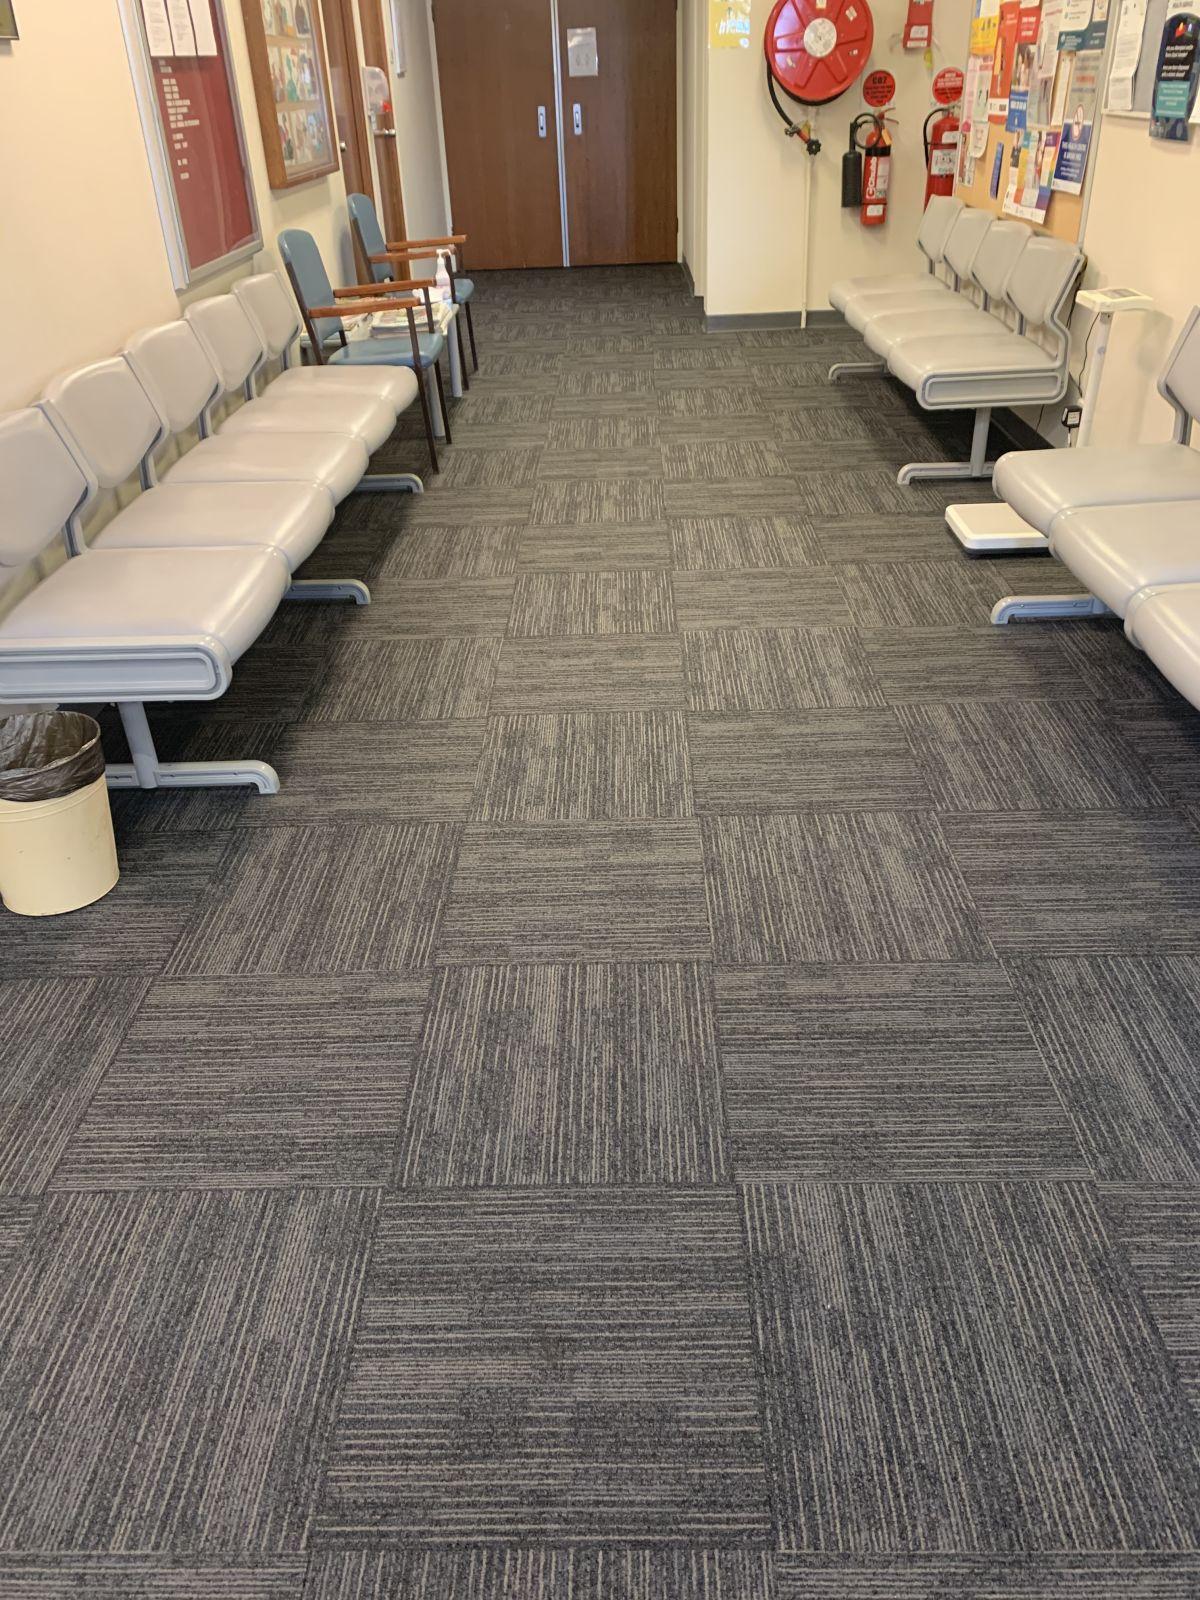 Community Health Center in Pennant HIlls, Dusk carpet